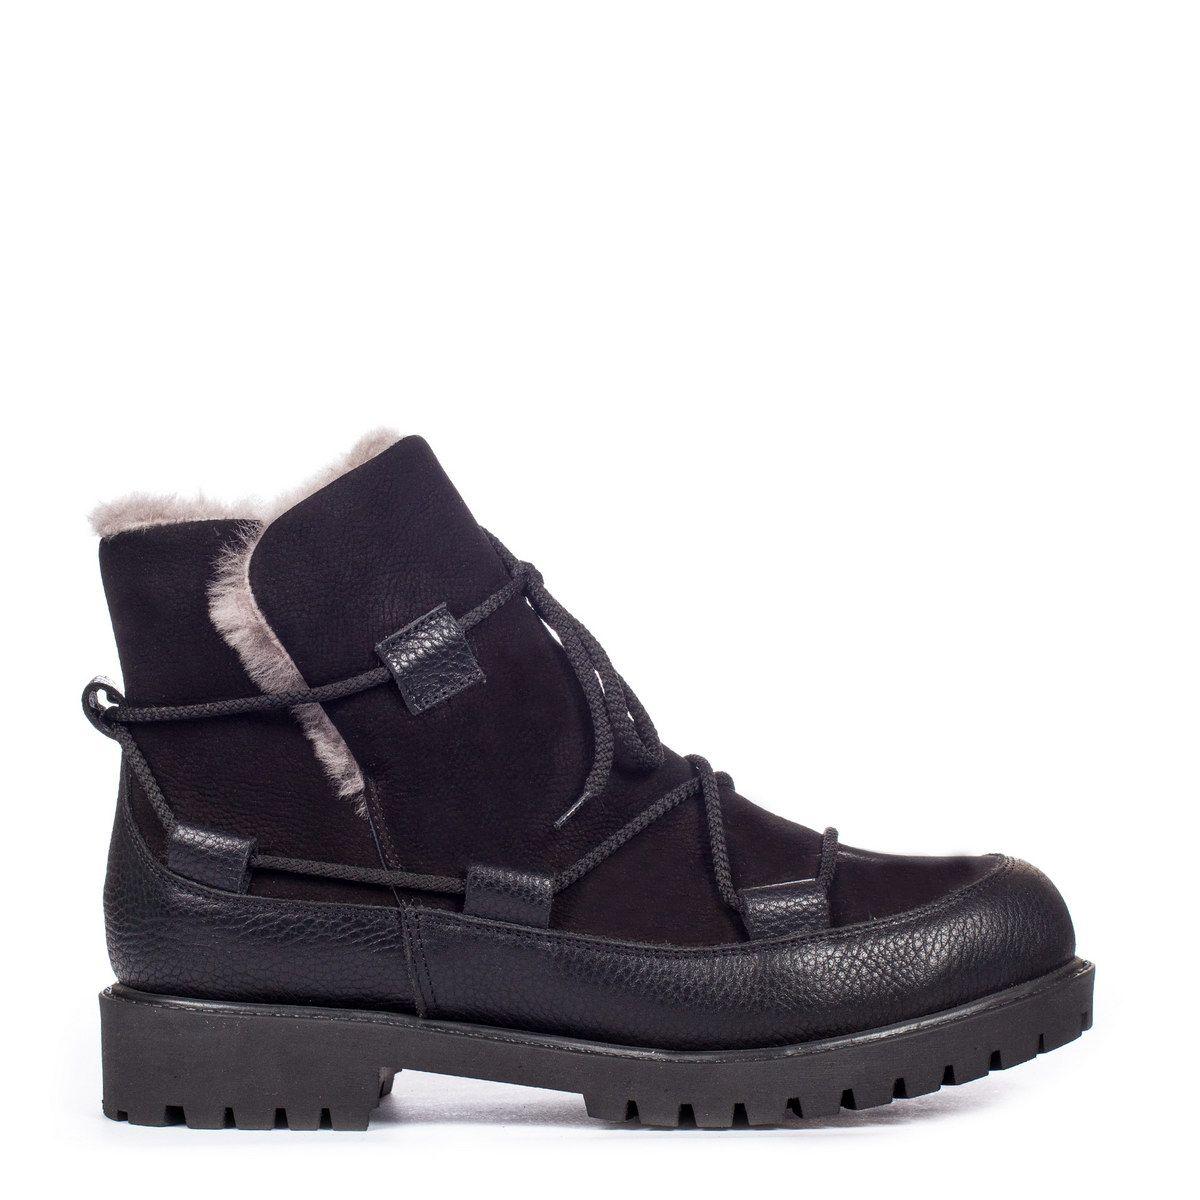 Wladna Shop інтернет - магазин жіночого взуття 014772669cd68